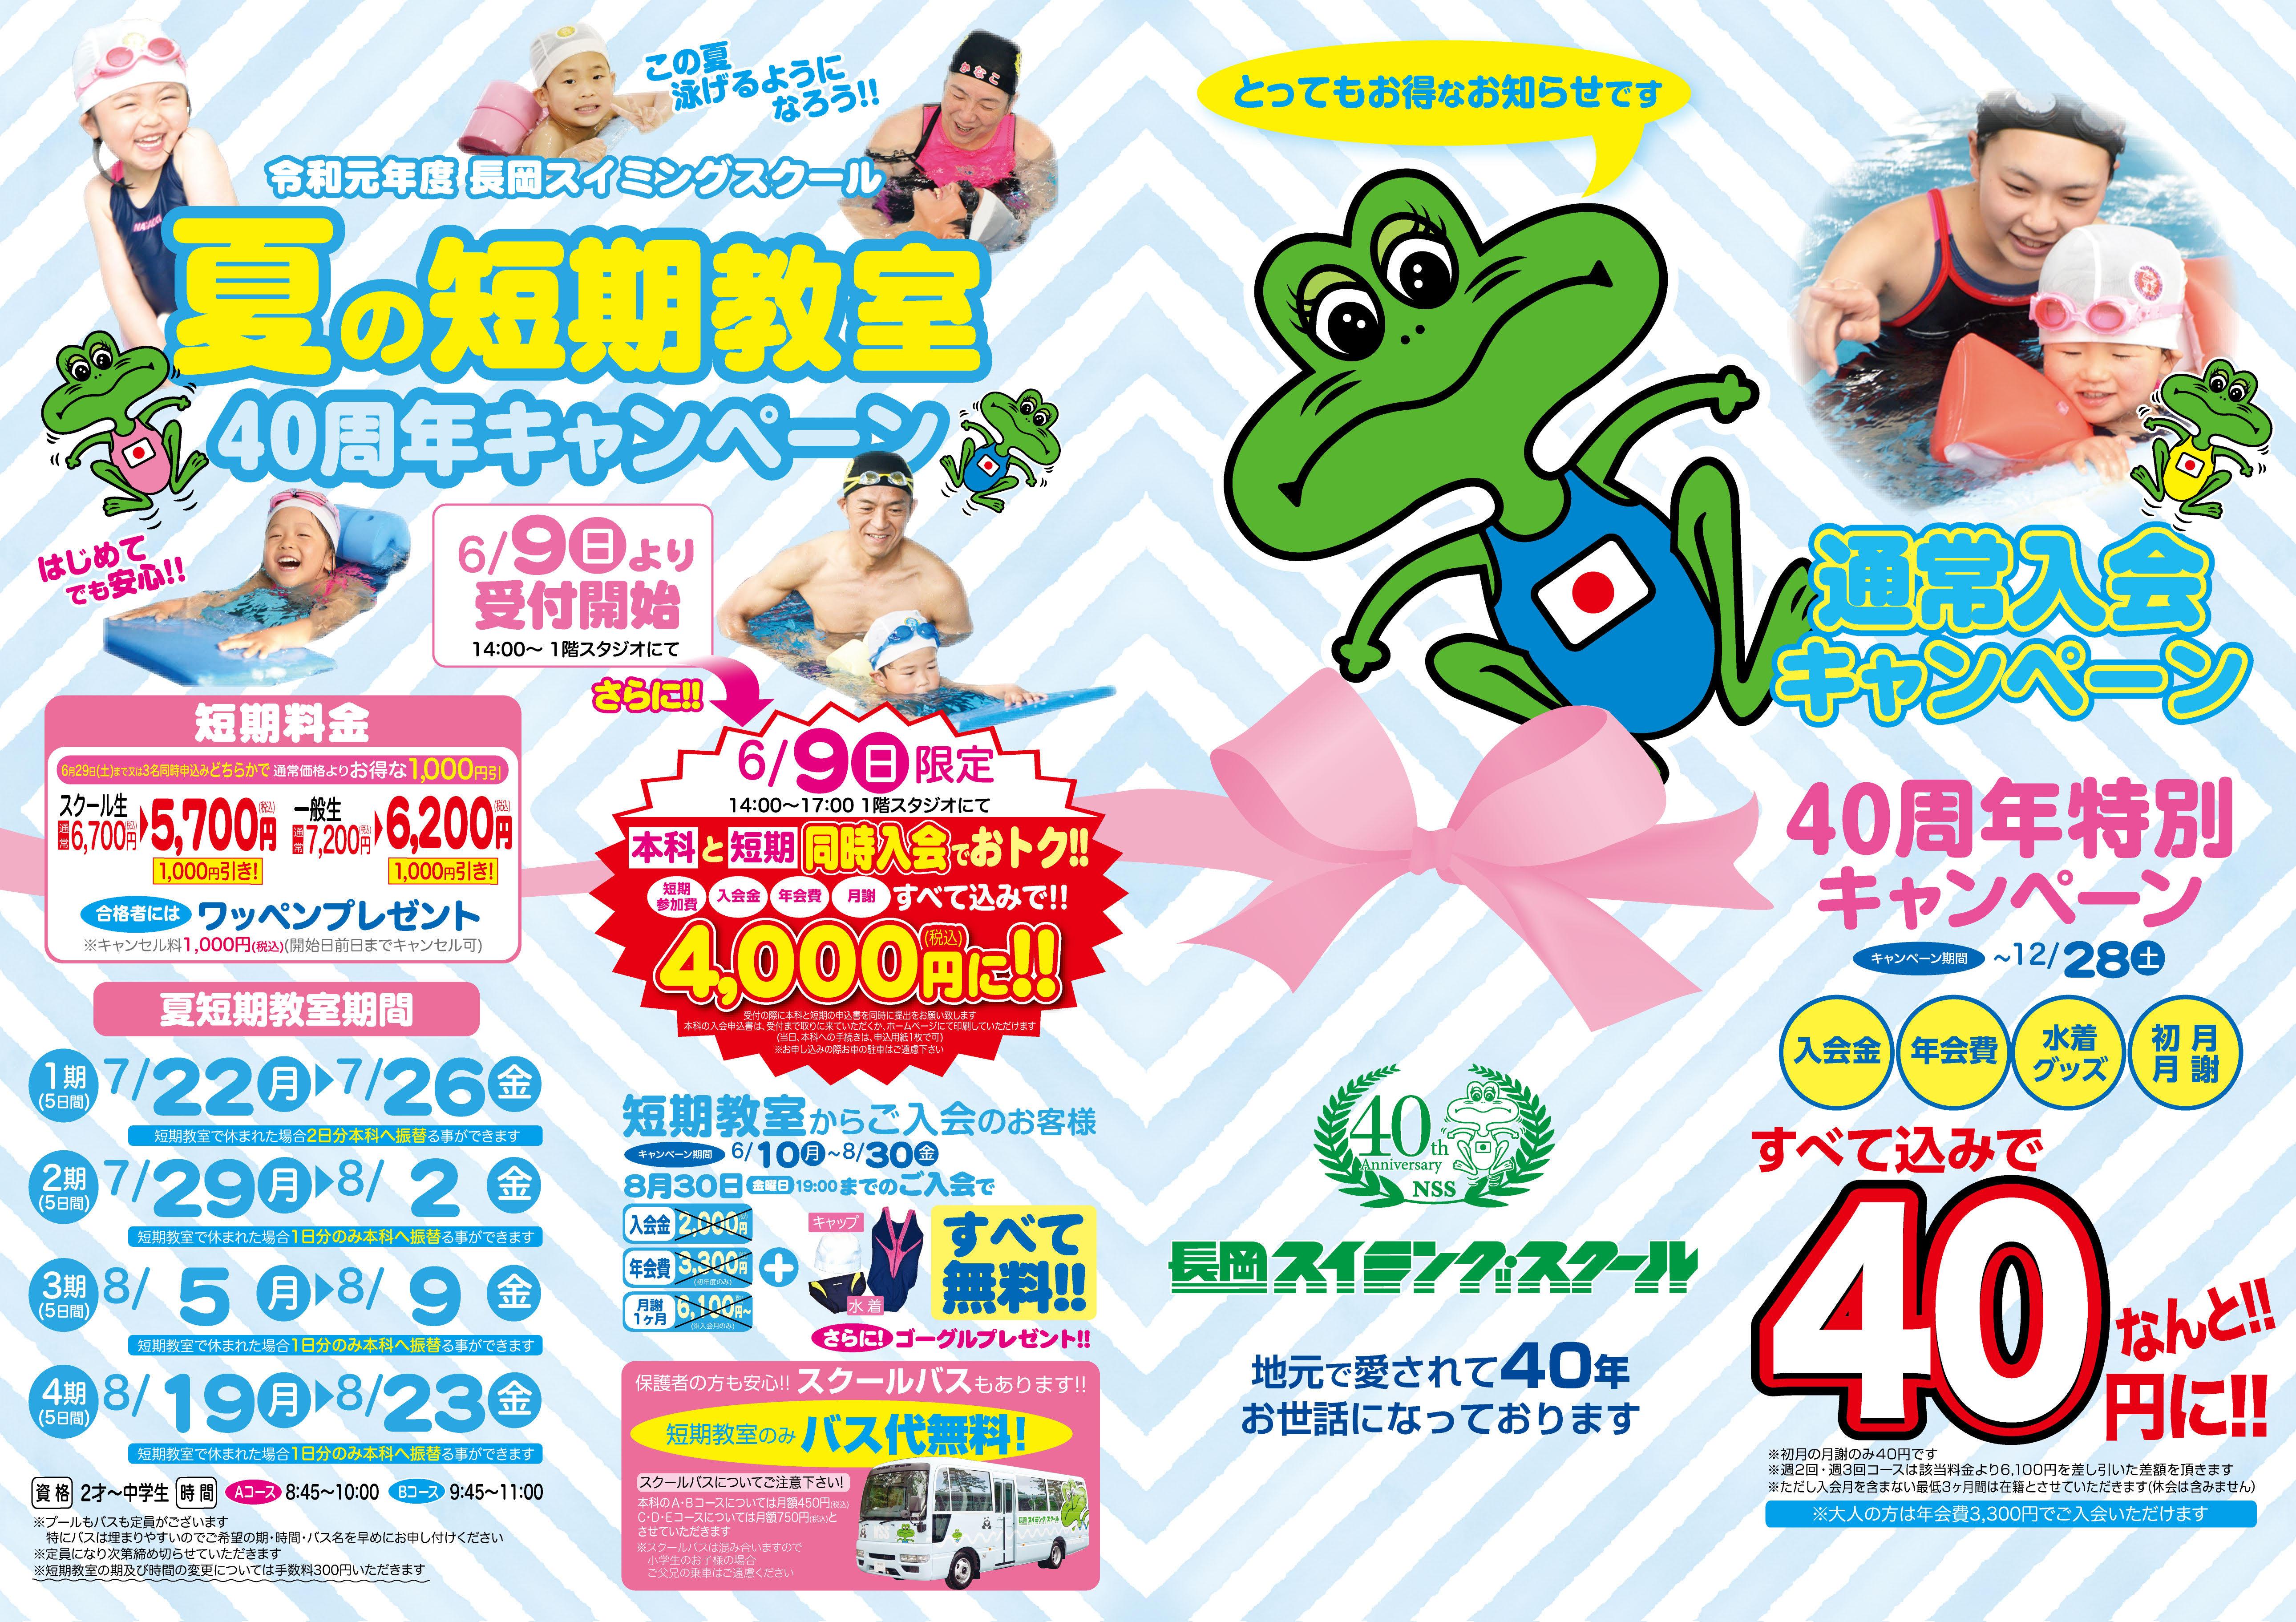 夏の短期教室40周年キャンペーン!